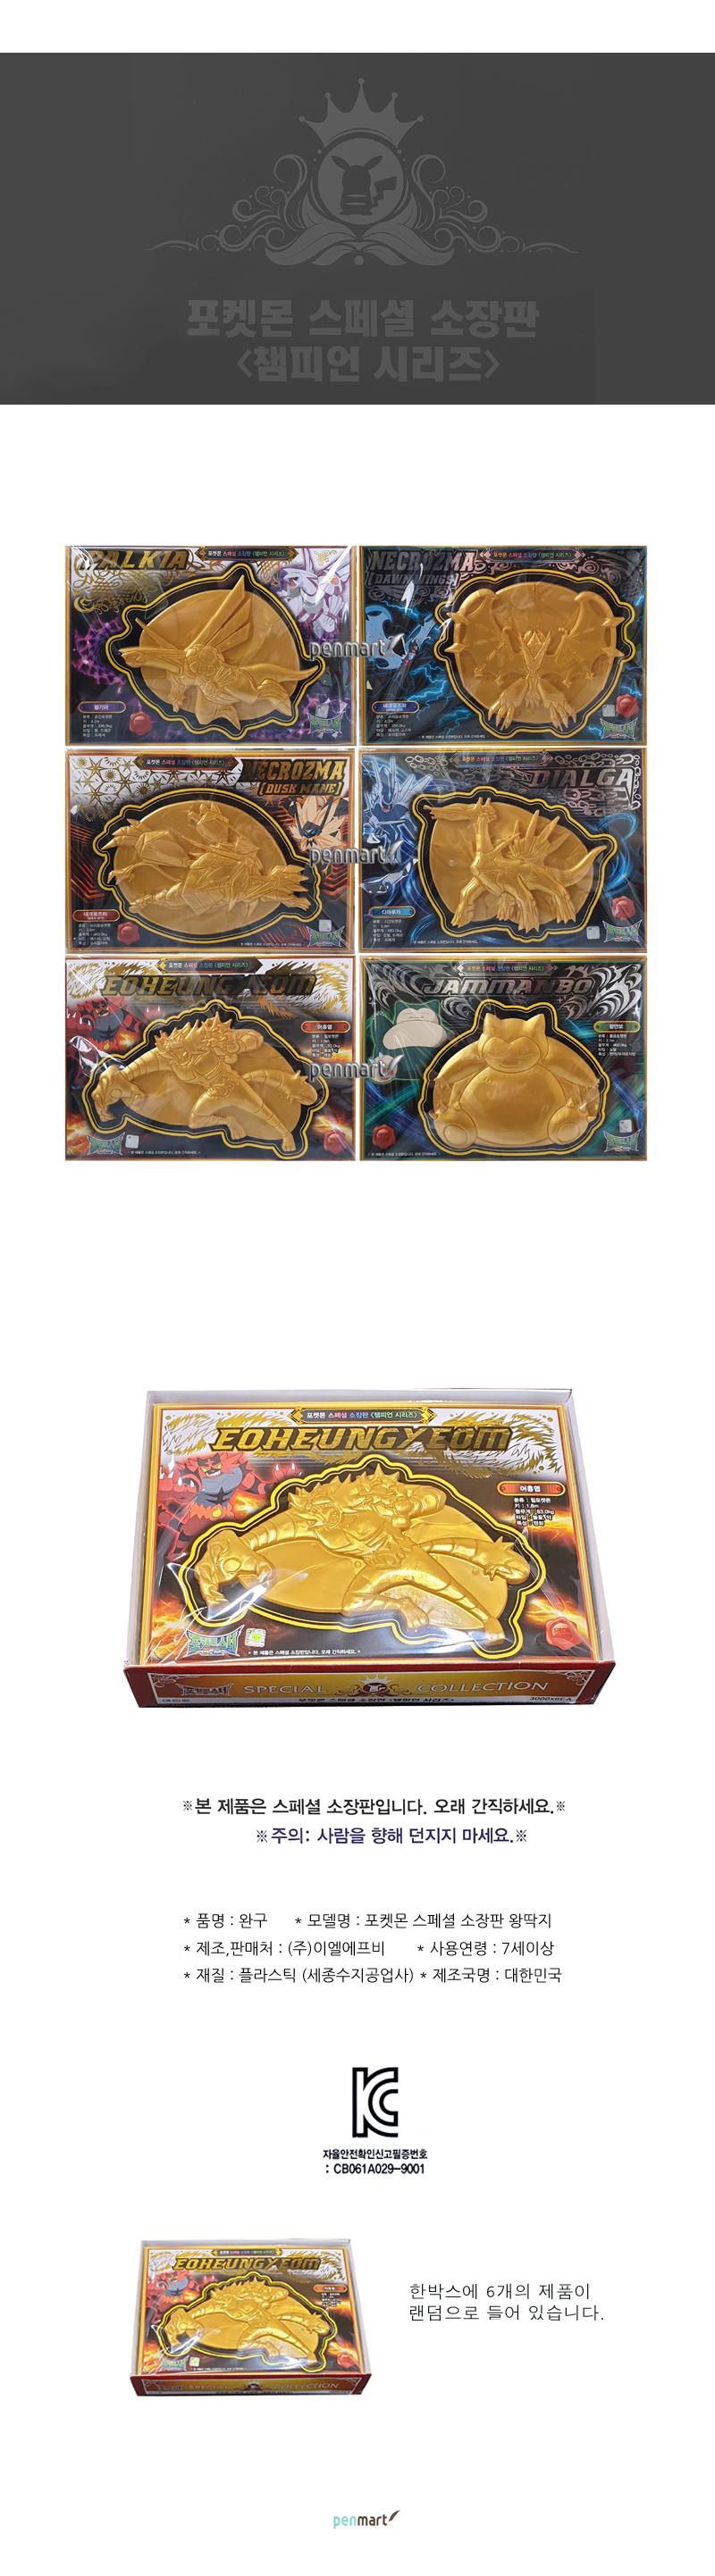 포켓몬 스페셜 소장판 디럭스시리즈 딱지 1박스 (6개) 소장용 - 펜마트, 17,500원, 보드게임, 카드 게임